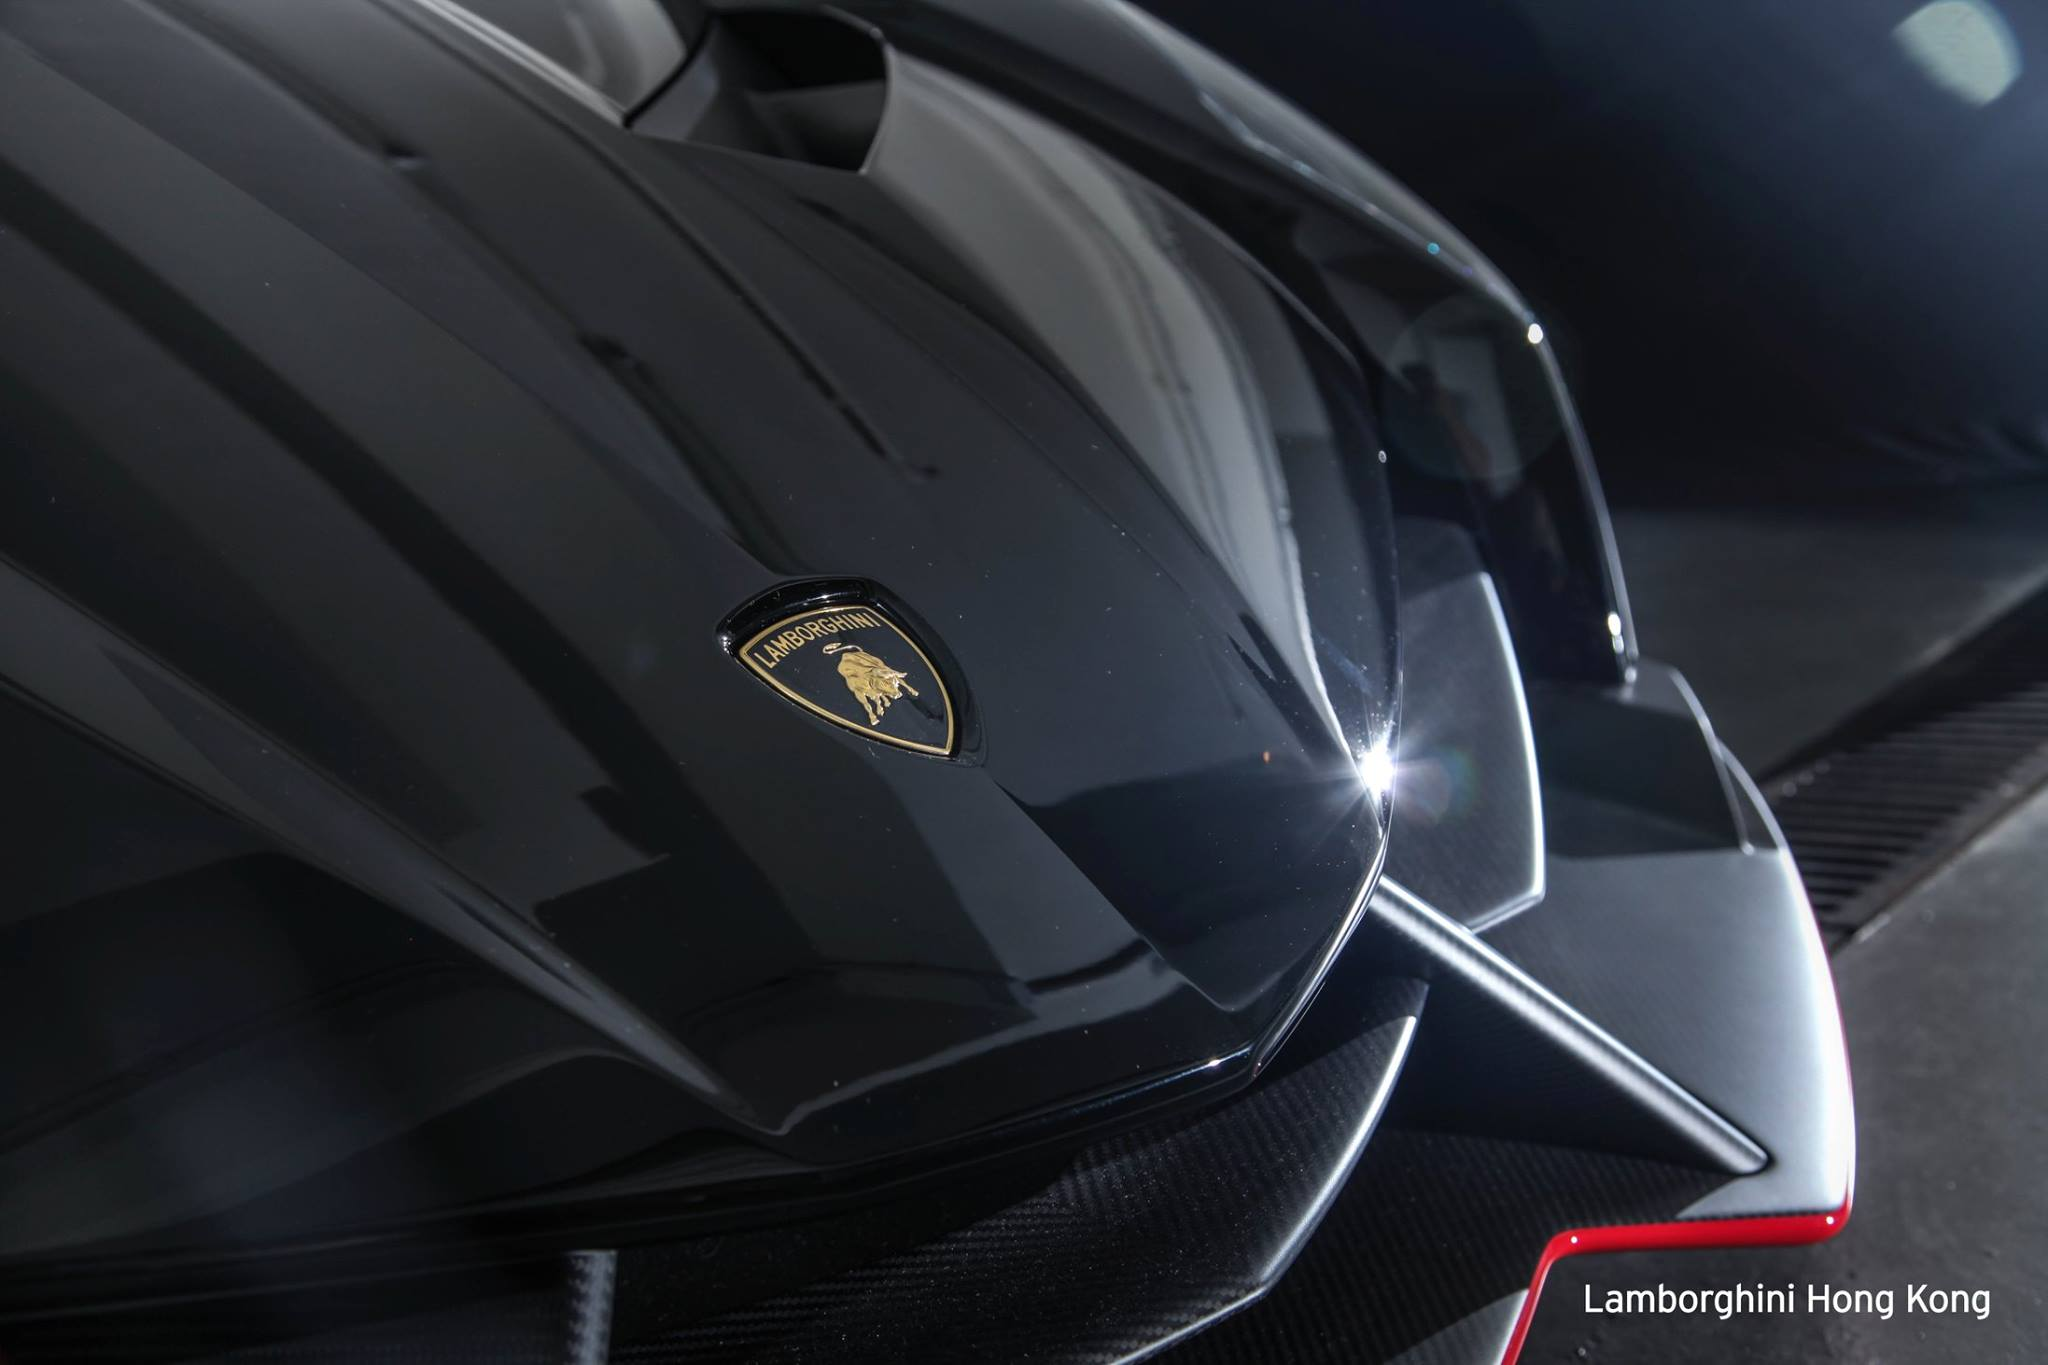 Lamborghini Hong Kong3